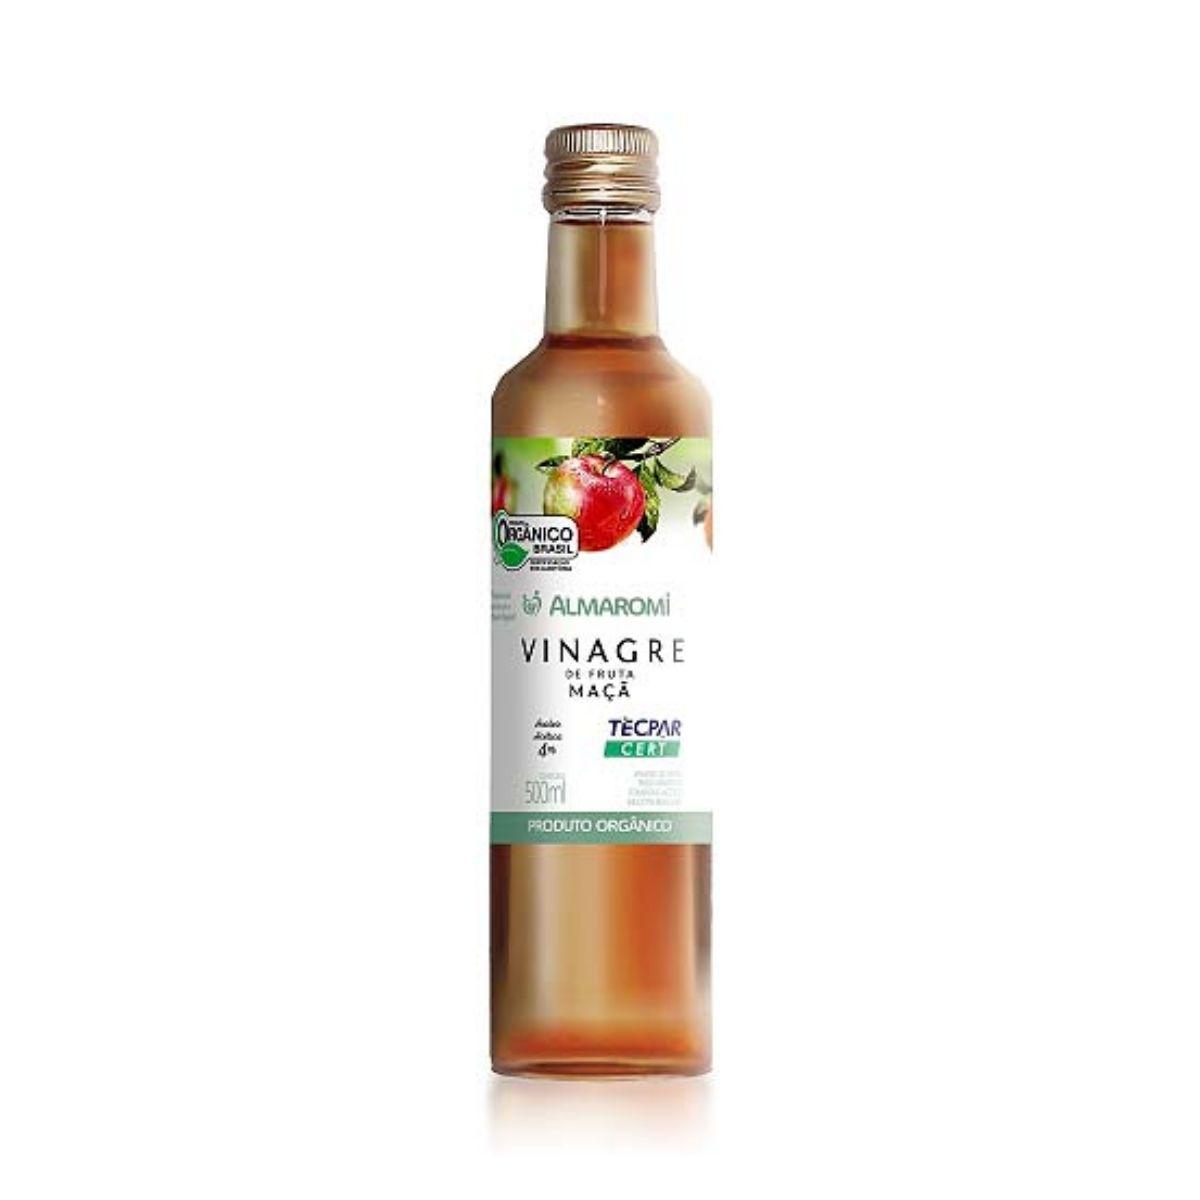 Vinagre orgânico maçã 500ml - Almaromi